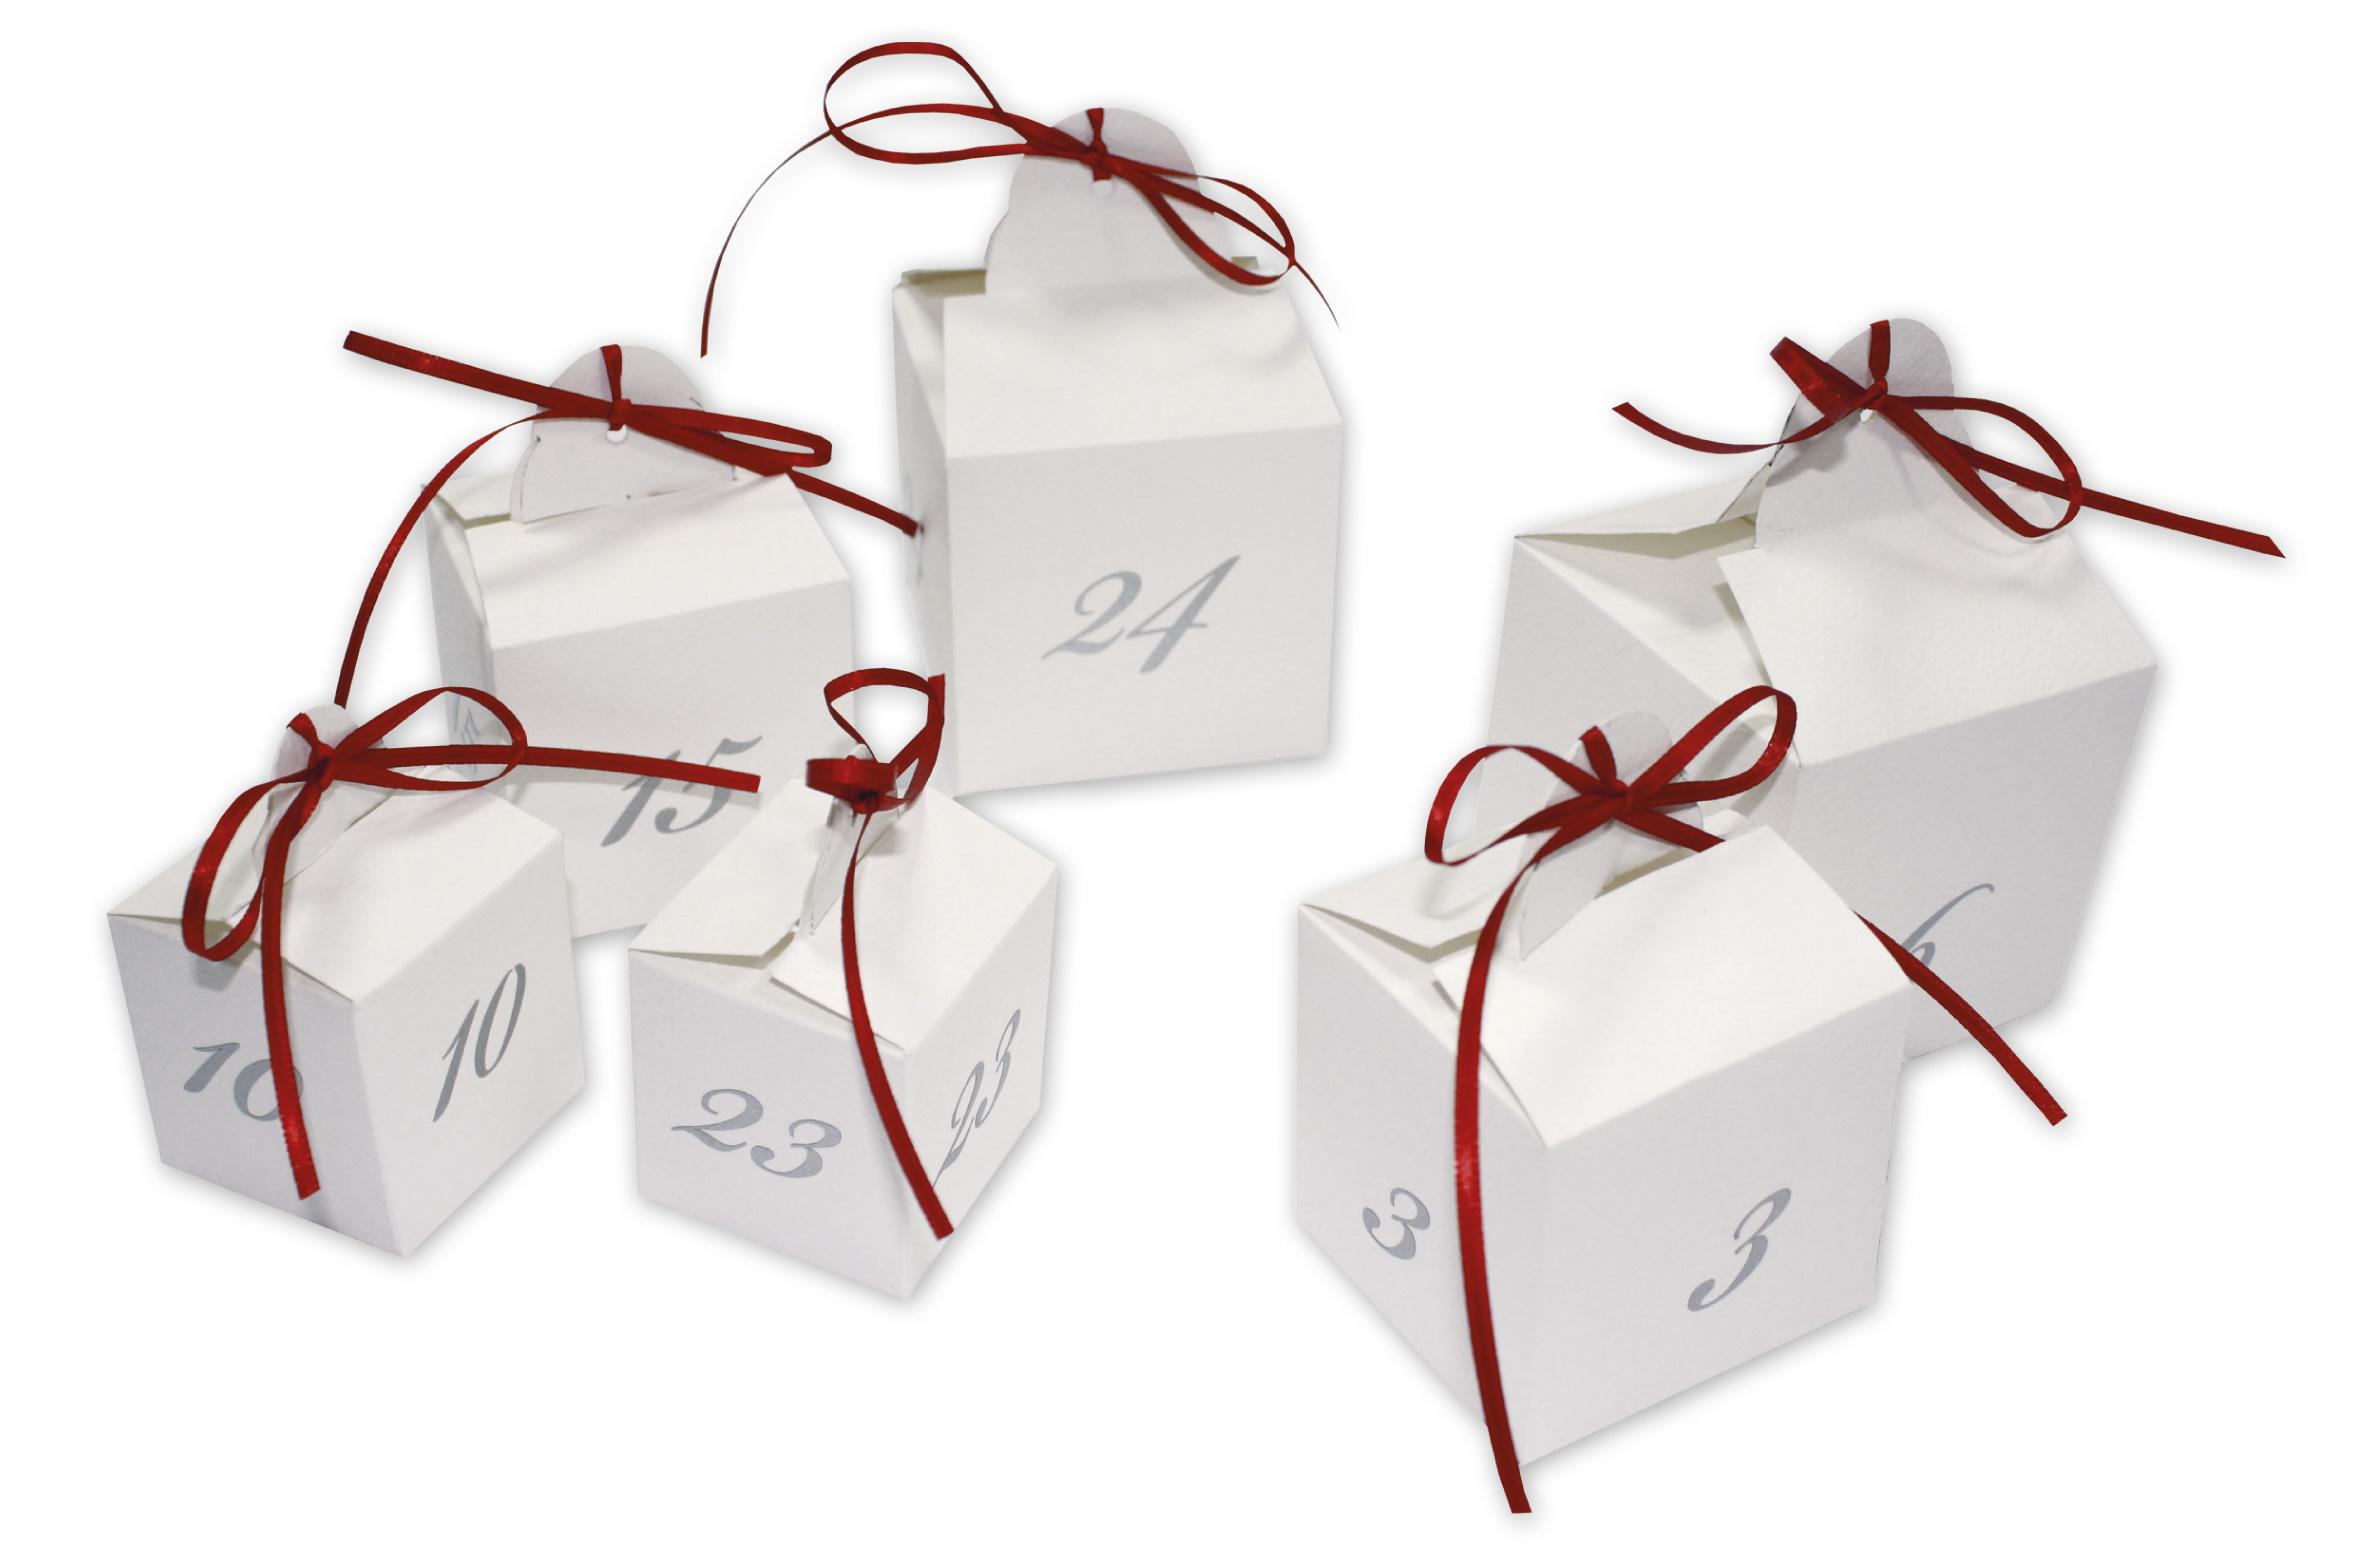 adventskalender weihnachtskalender 24 adventsw rfel zum. Black Bedroom Furniture Sets. Home Design Ideas